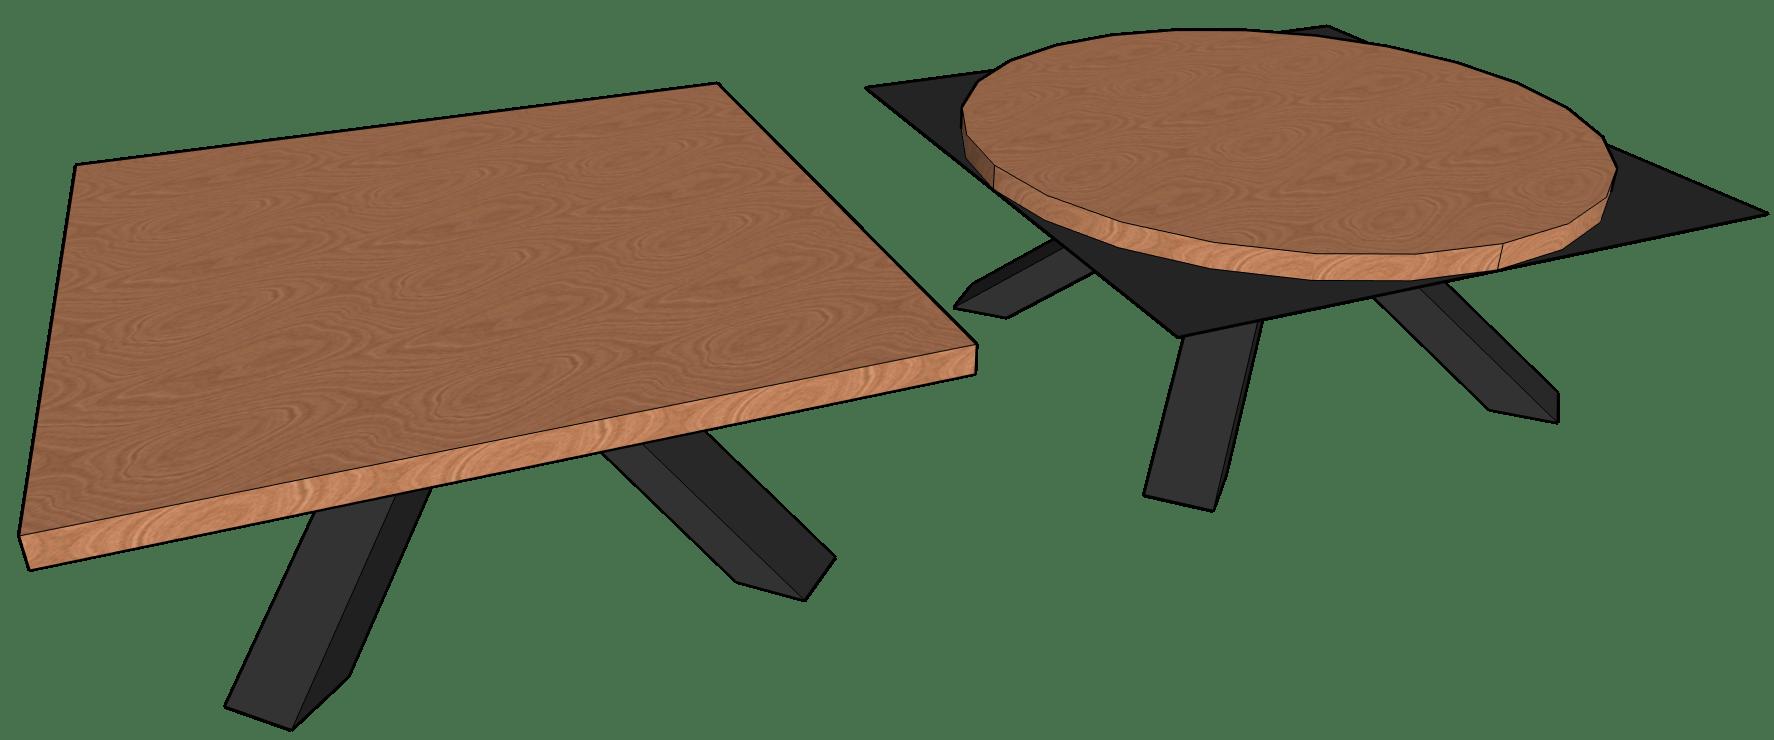 Sketchup tekening van salontafel rond en vierkant